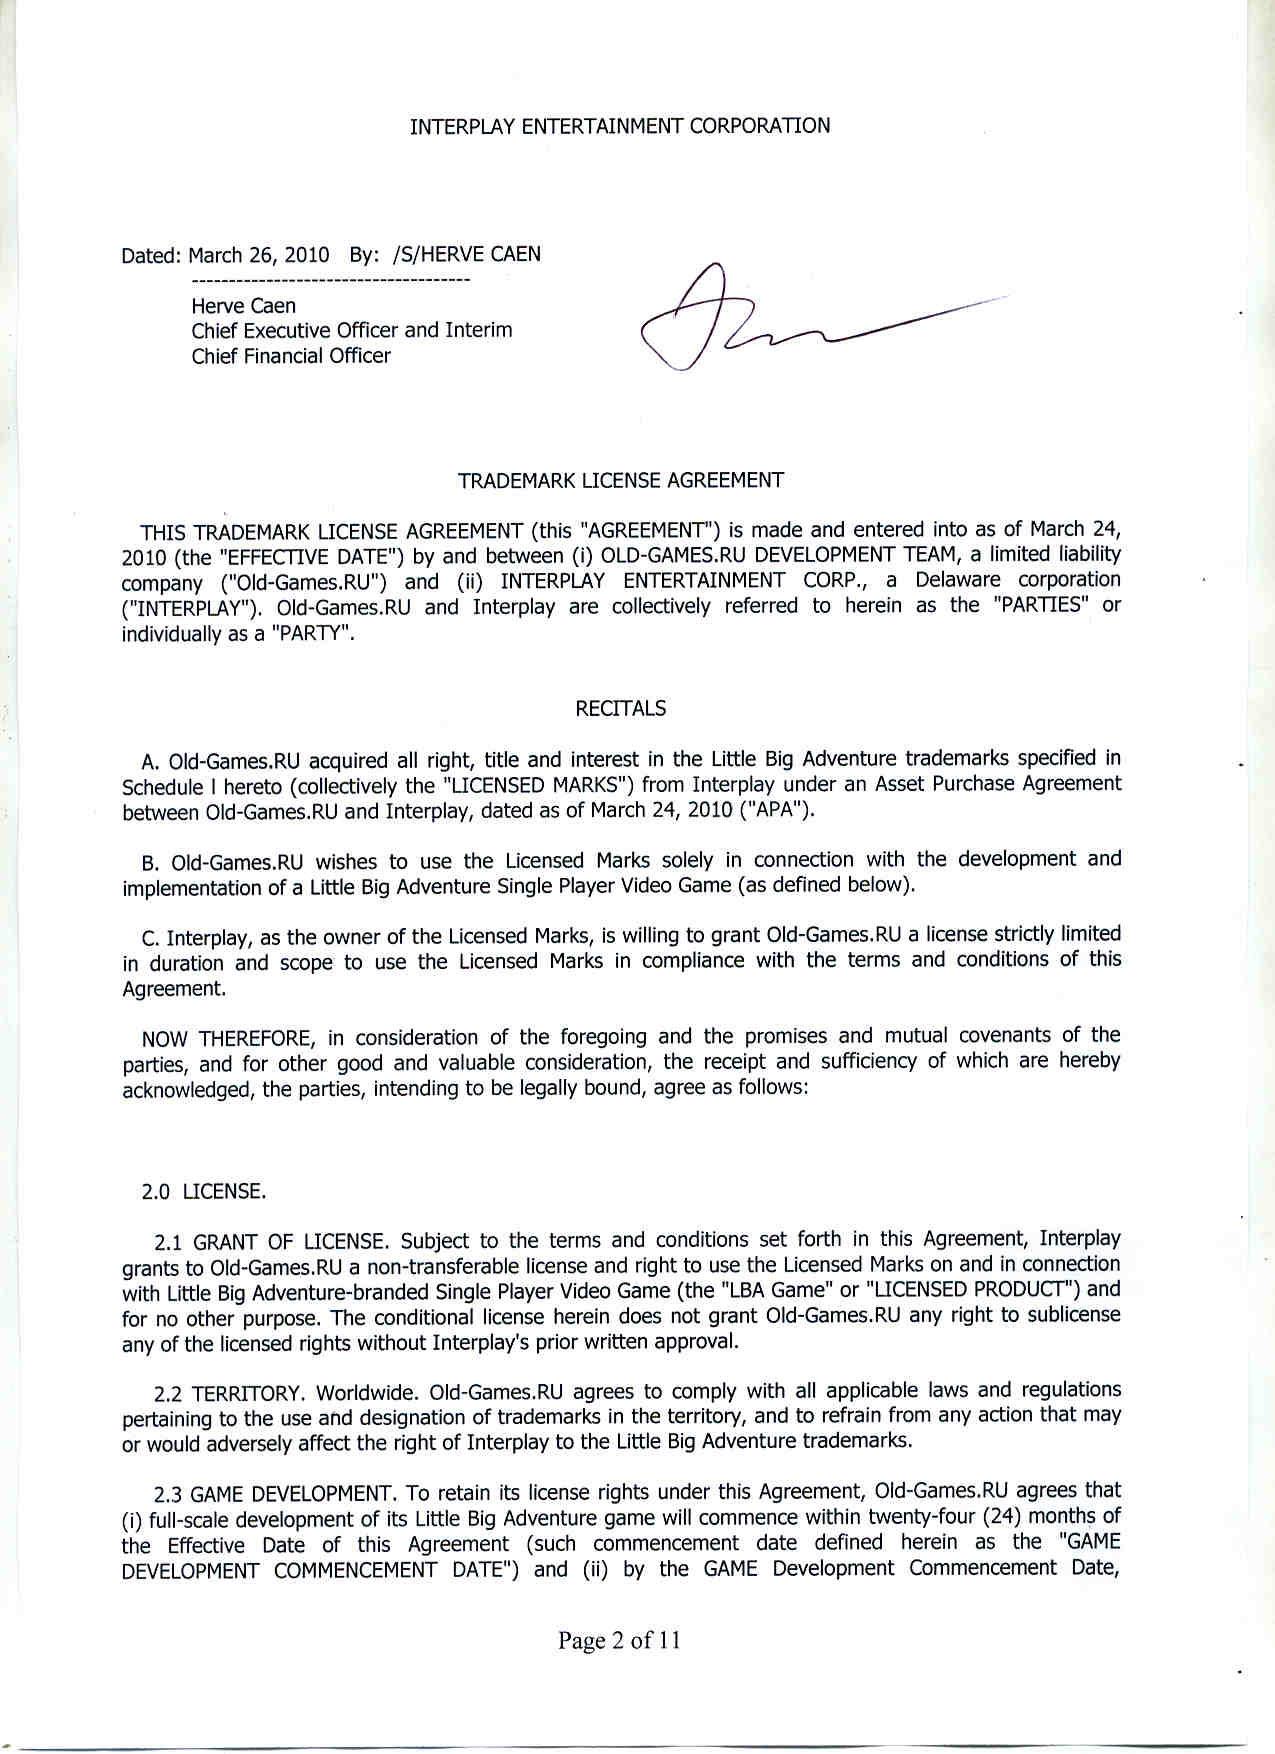 еще Имеет ли юридическую силу подписанный сканированный договор сколько